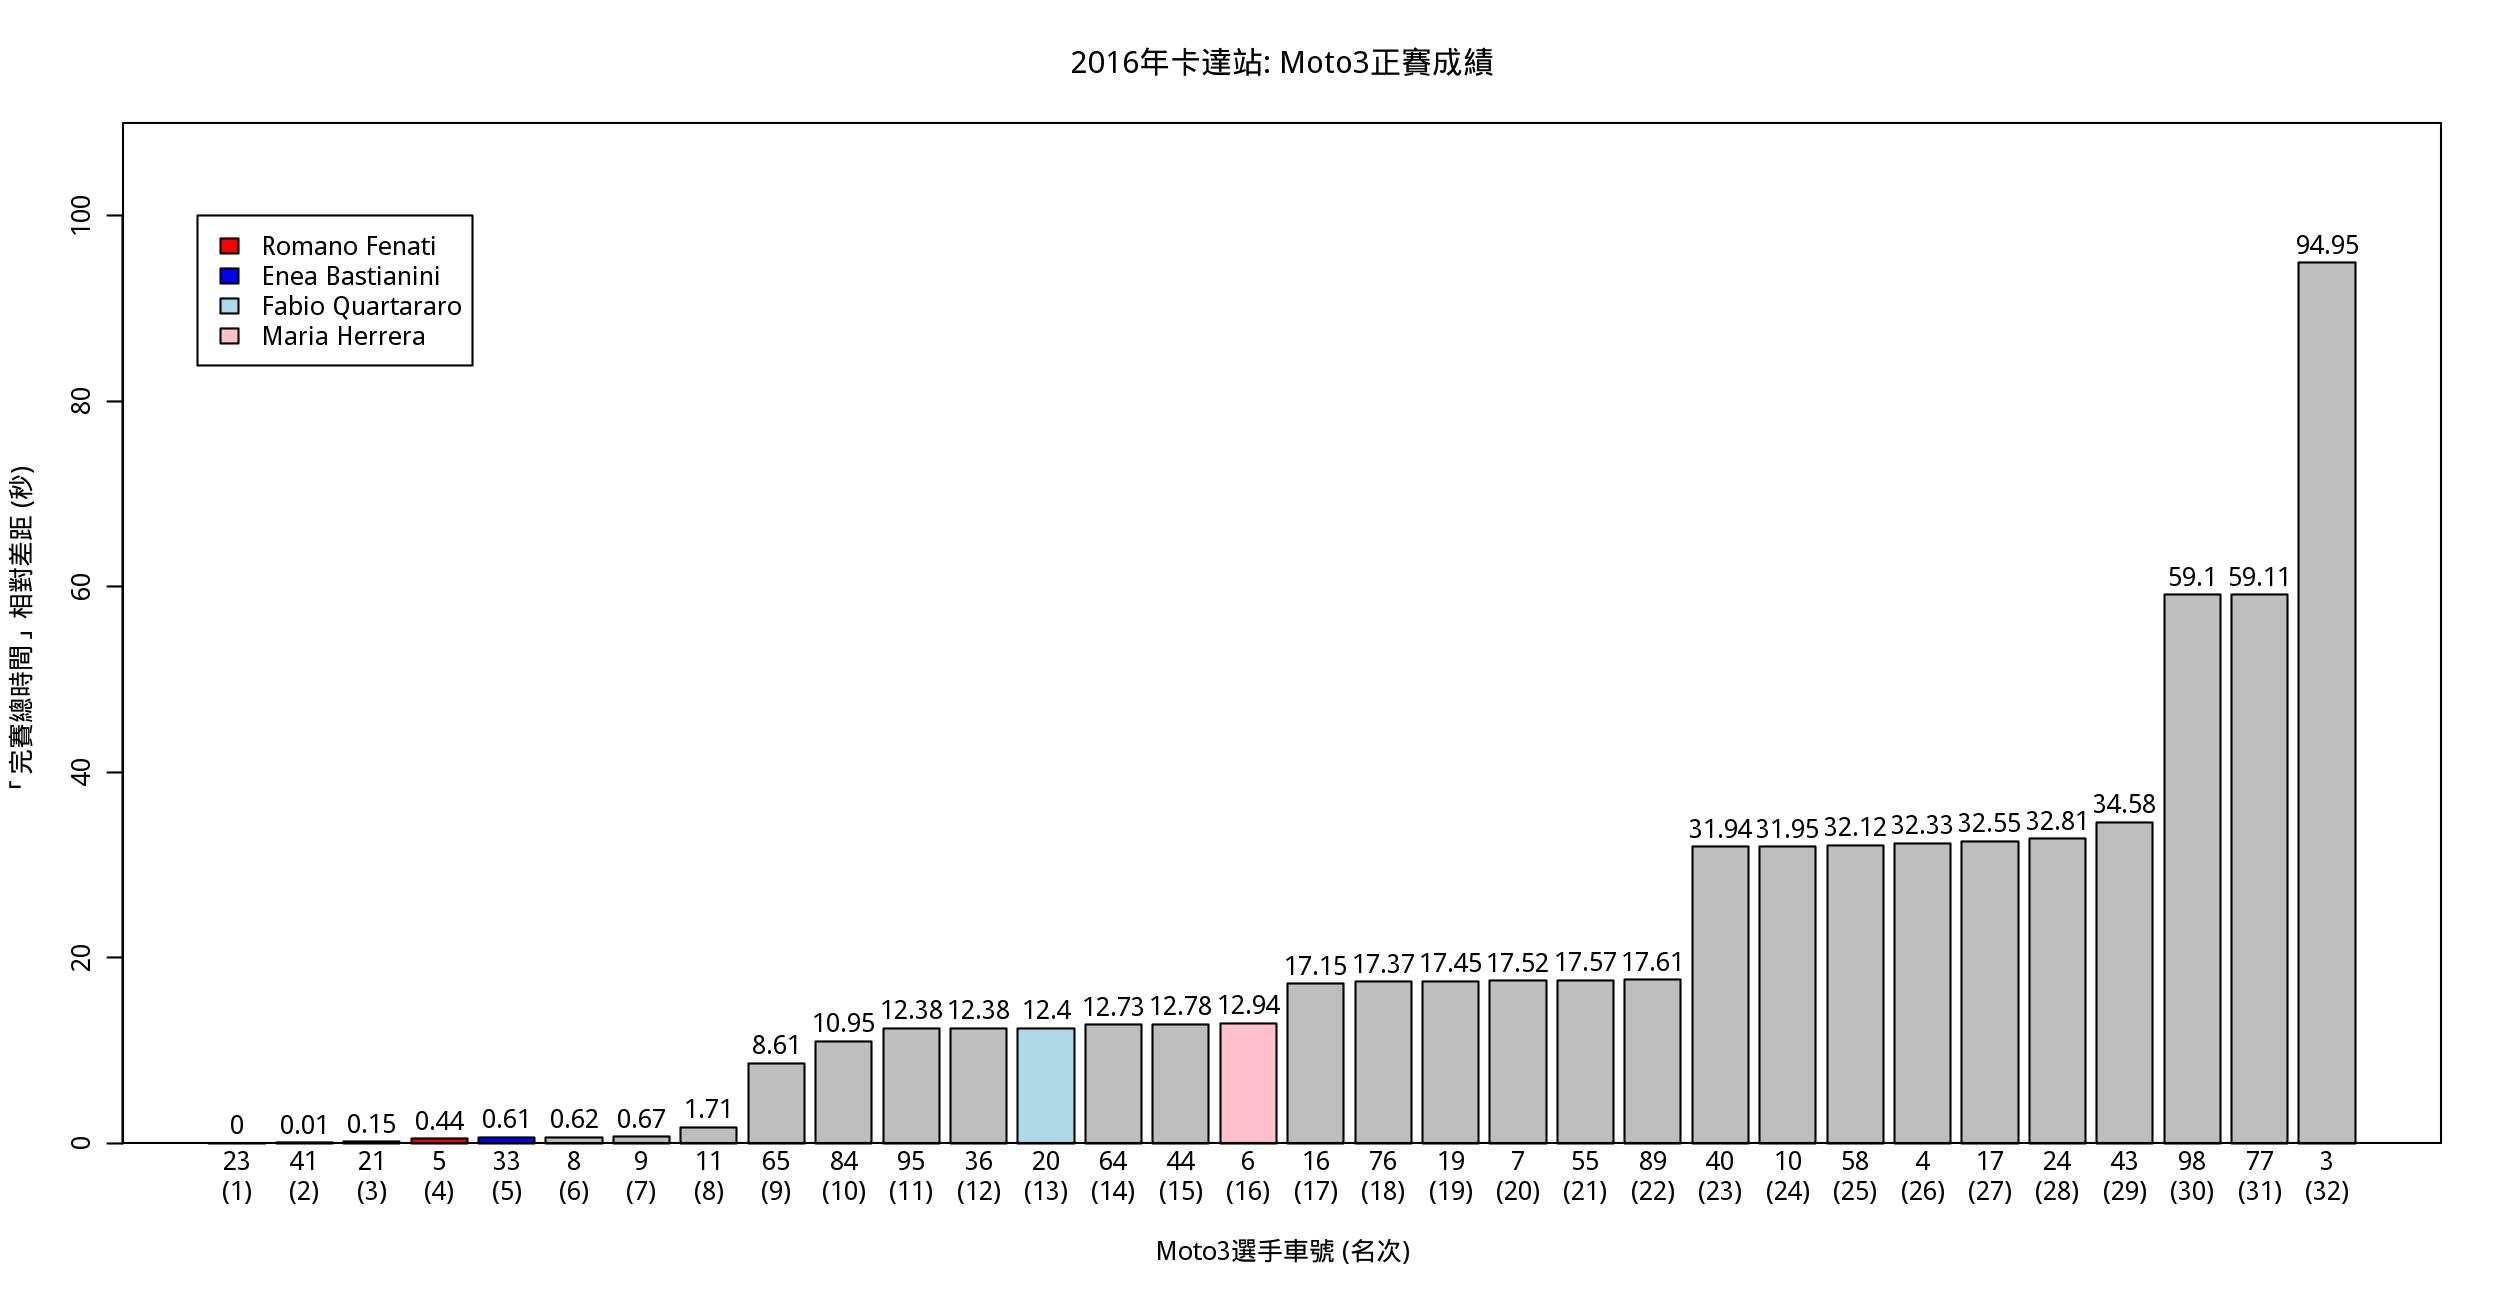 圖四. 2016卡達站Moto3正賽「完賽時間」比較.